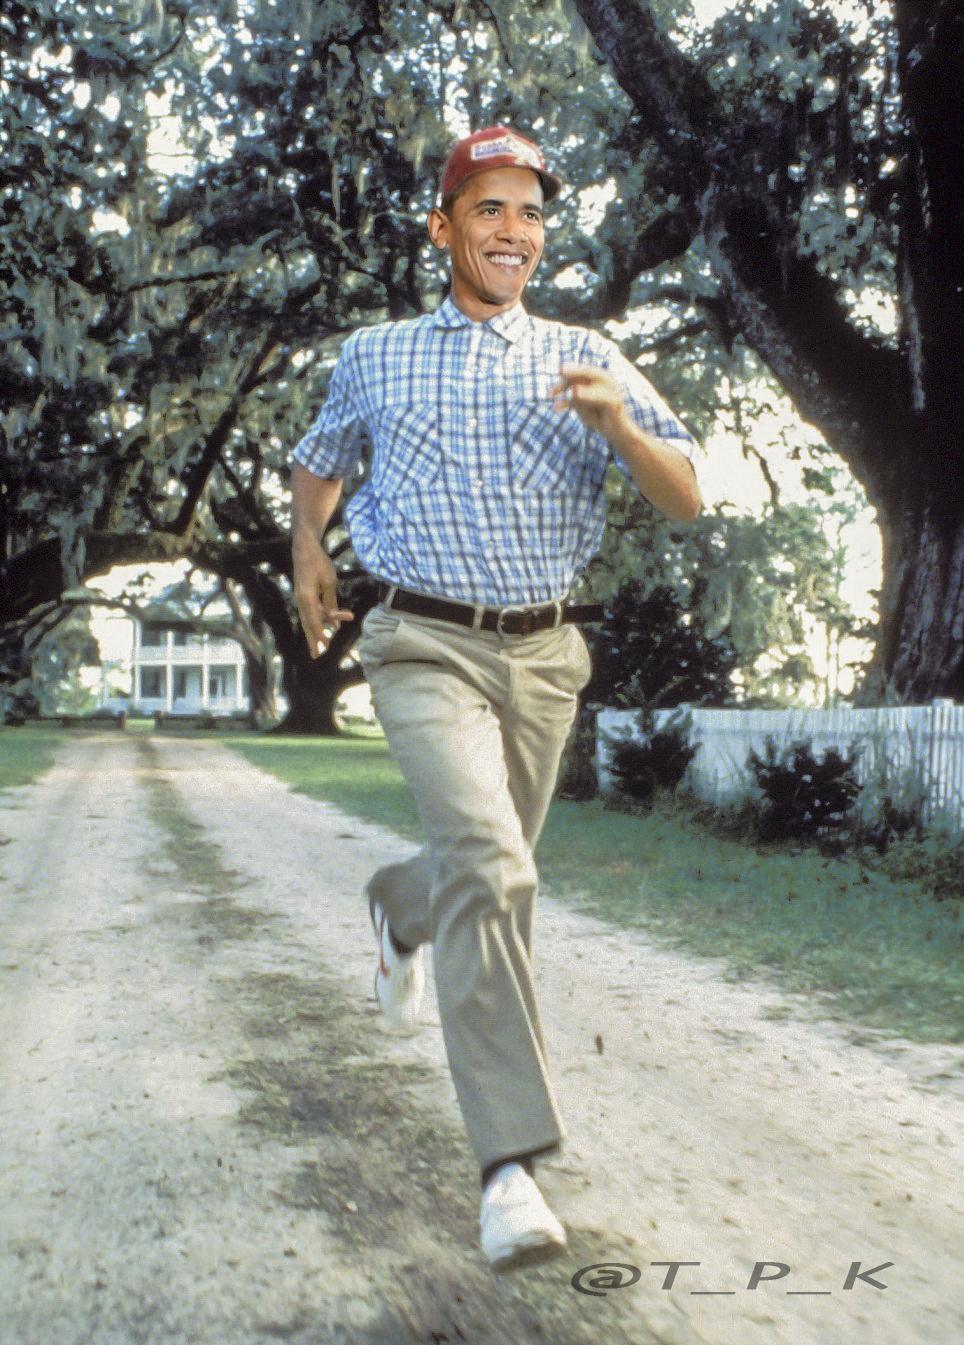 Run,  Barack!  Run!